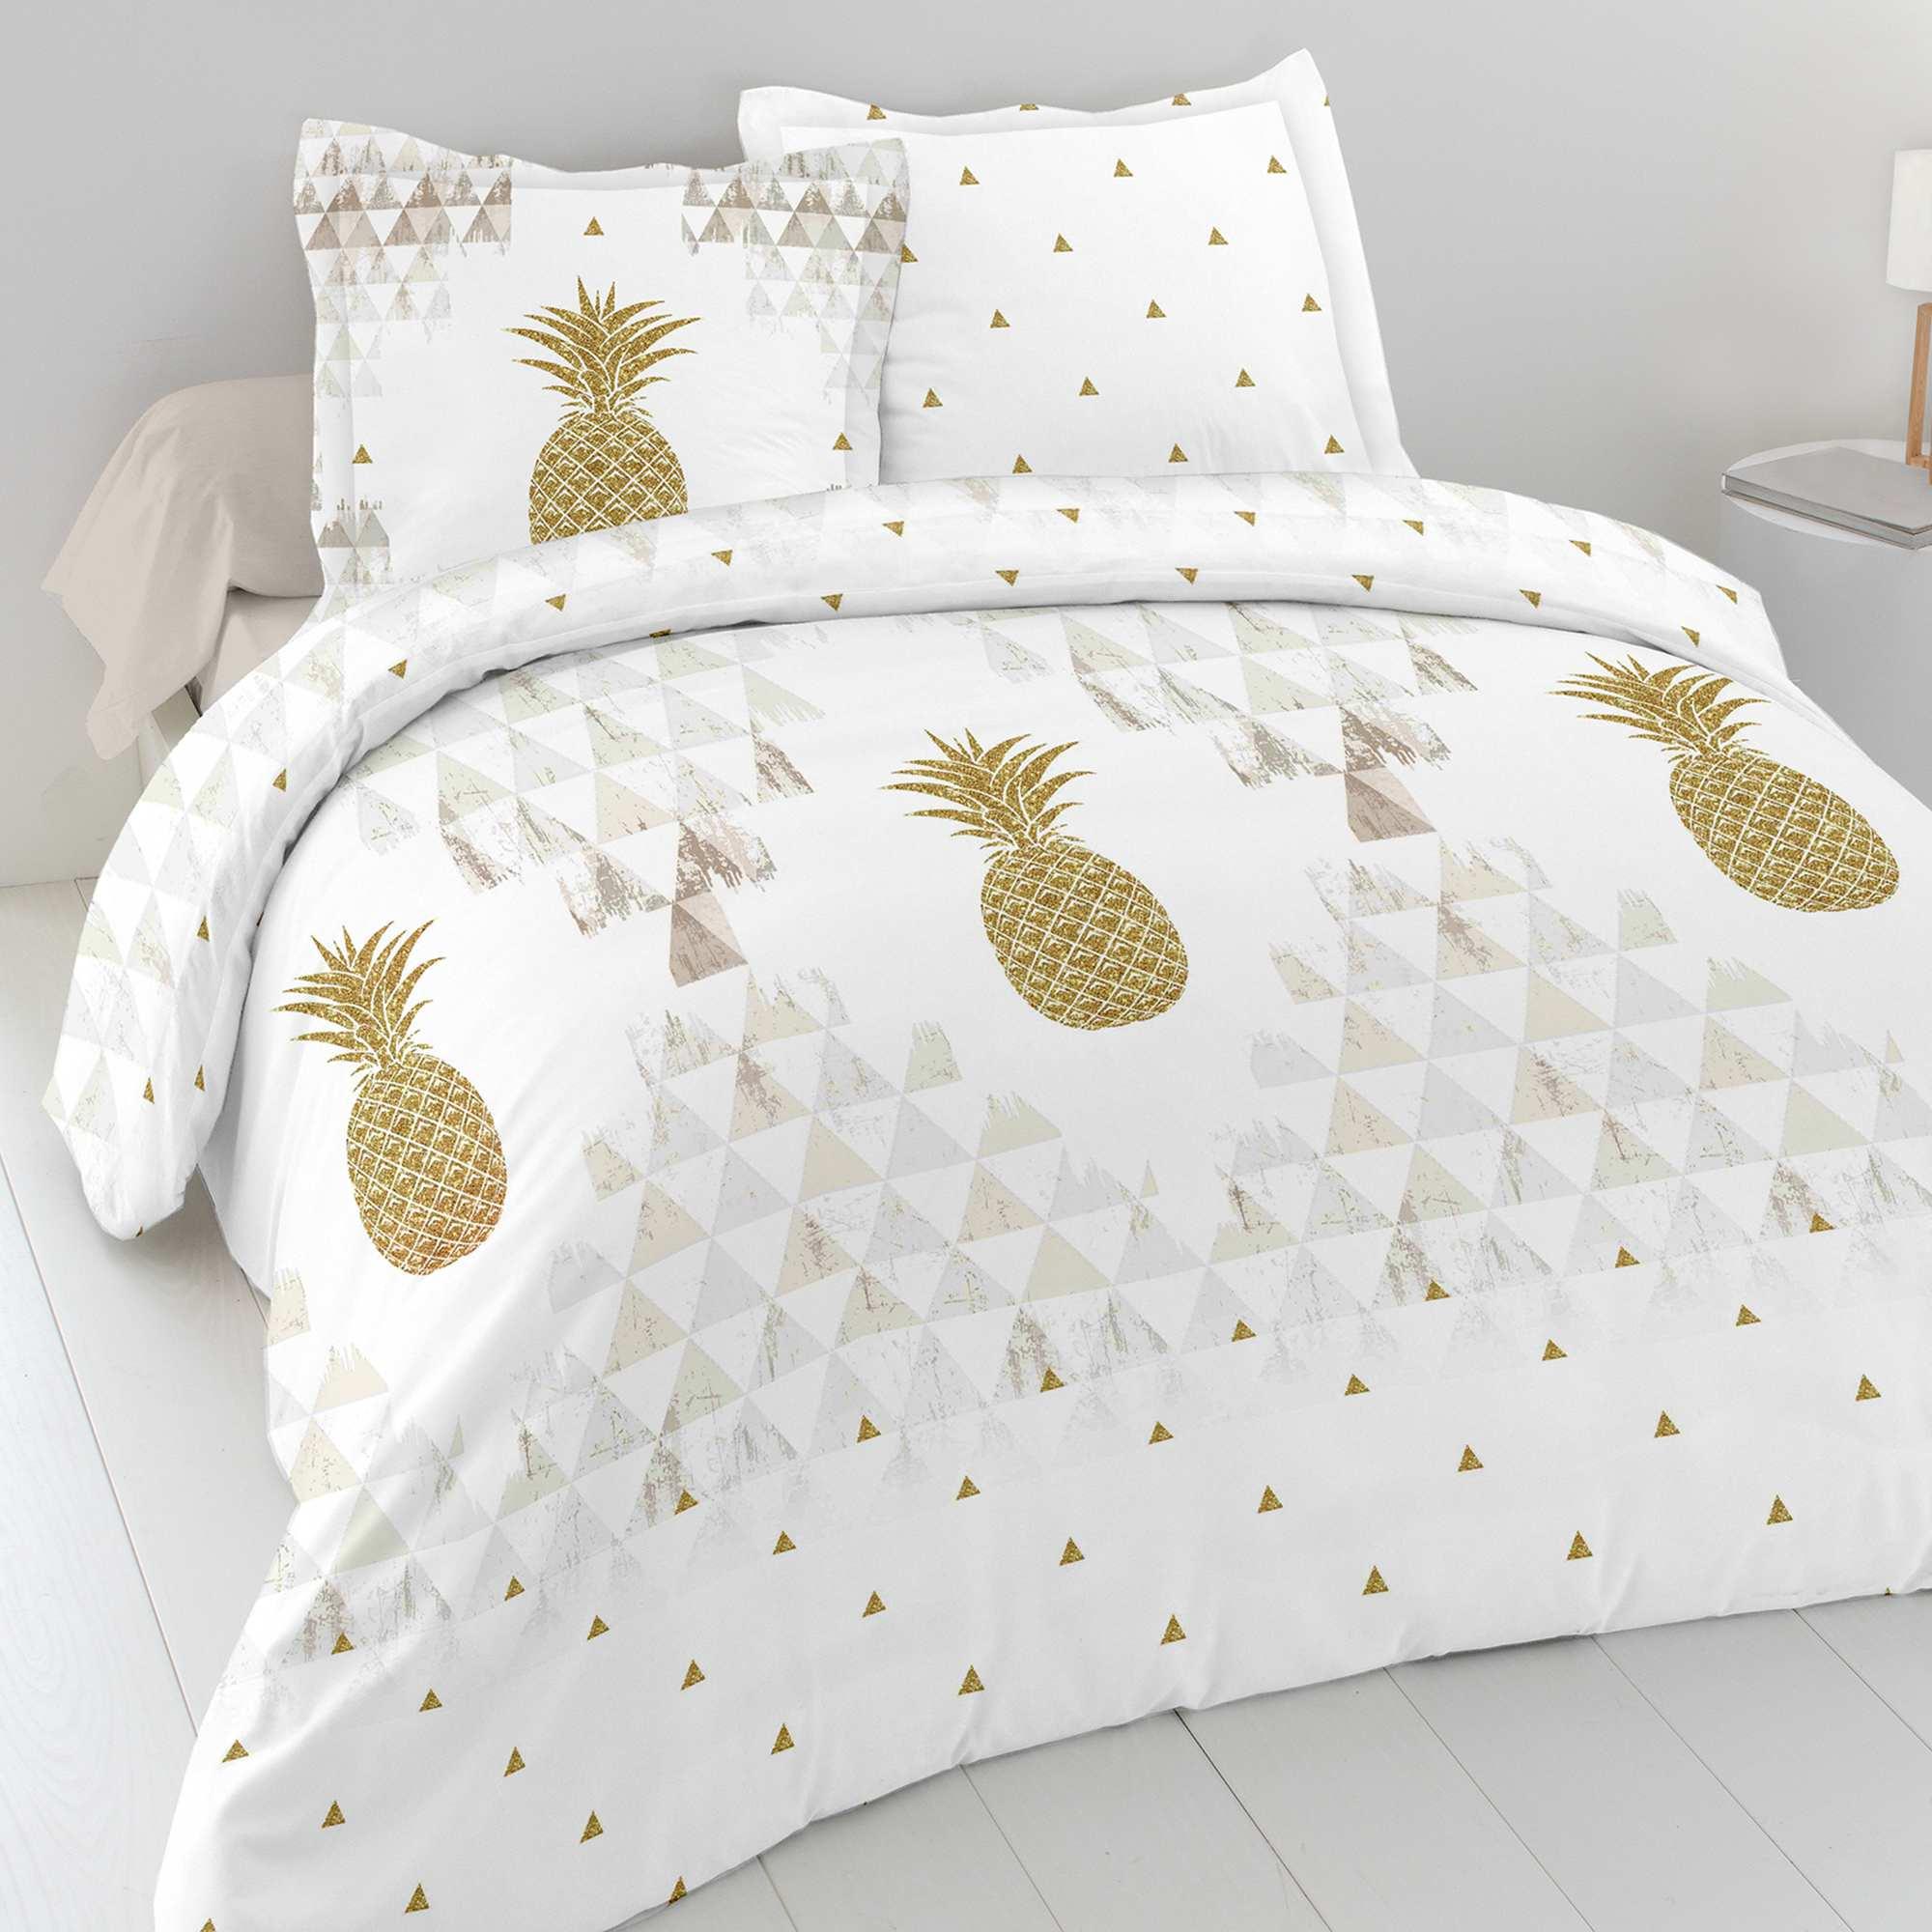 Parure de lit 2 personnes 39 ananas 39 linge de lit blanc or - Parure de lit om 2 personnes ...